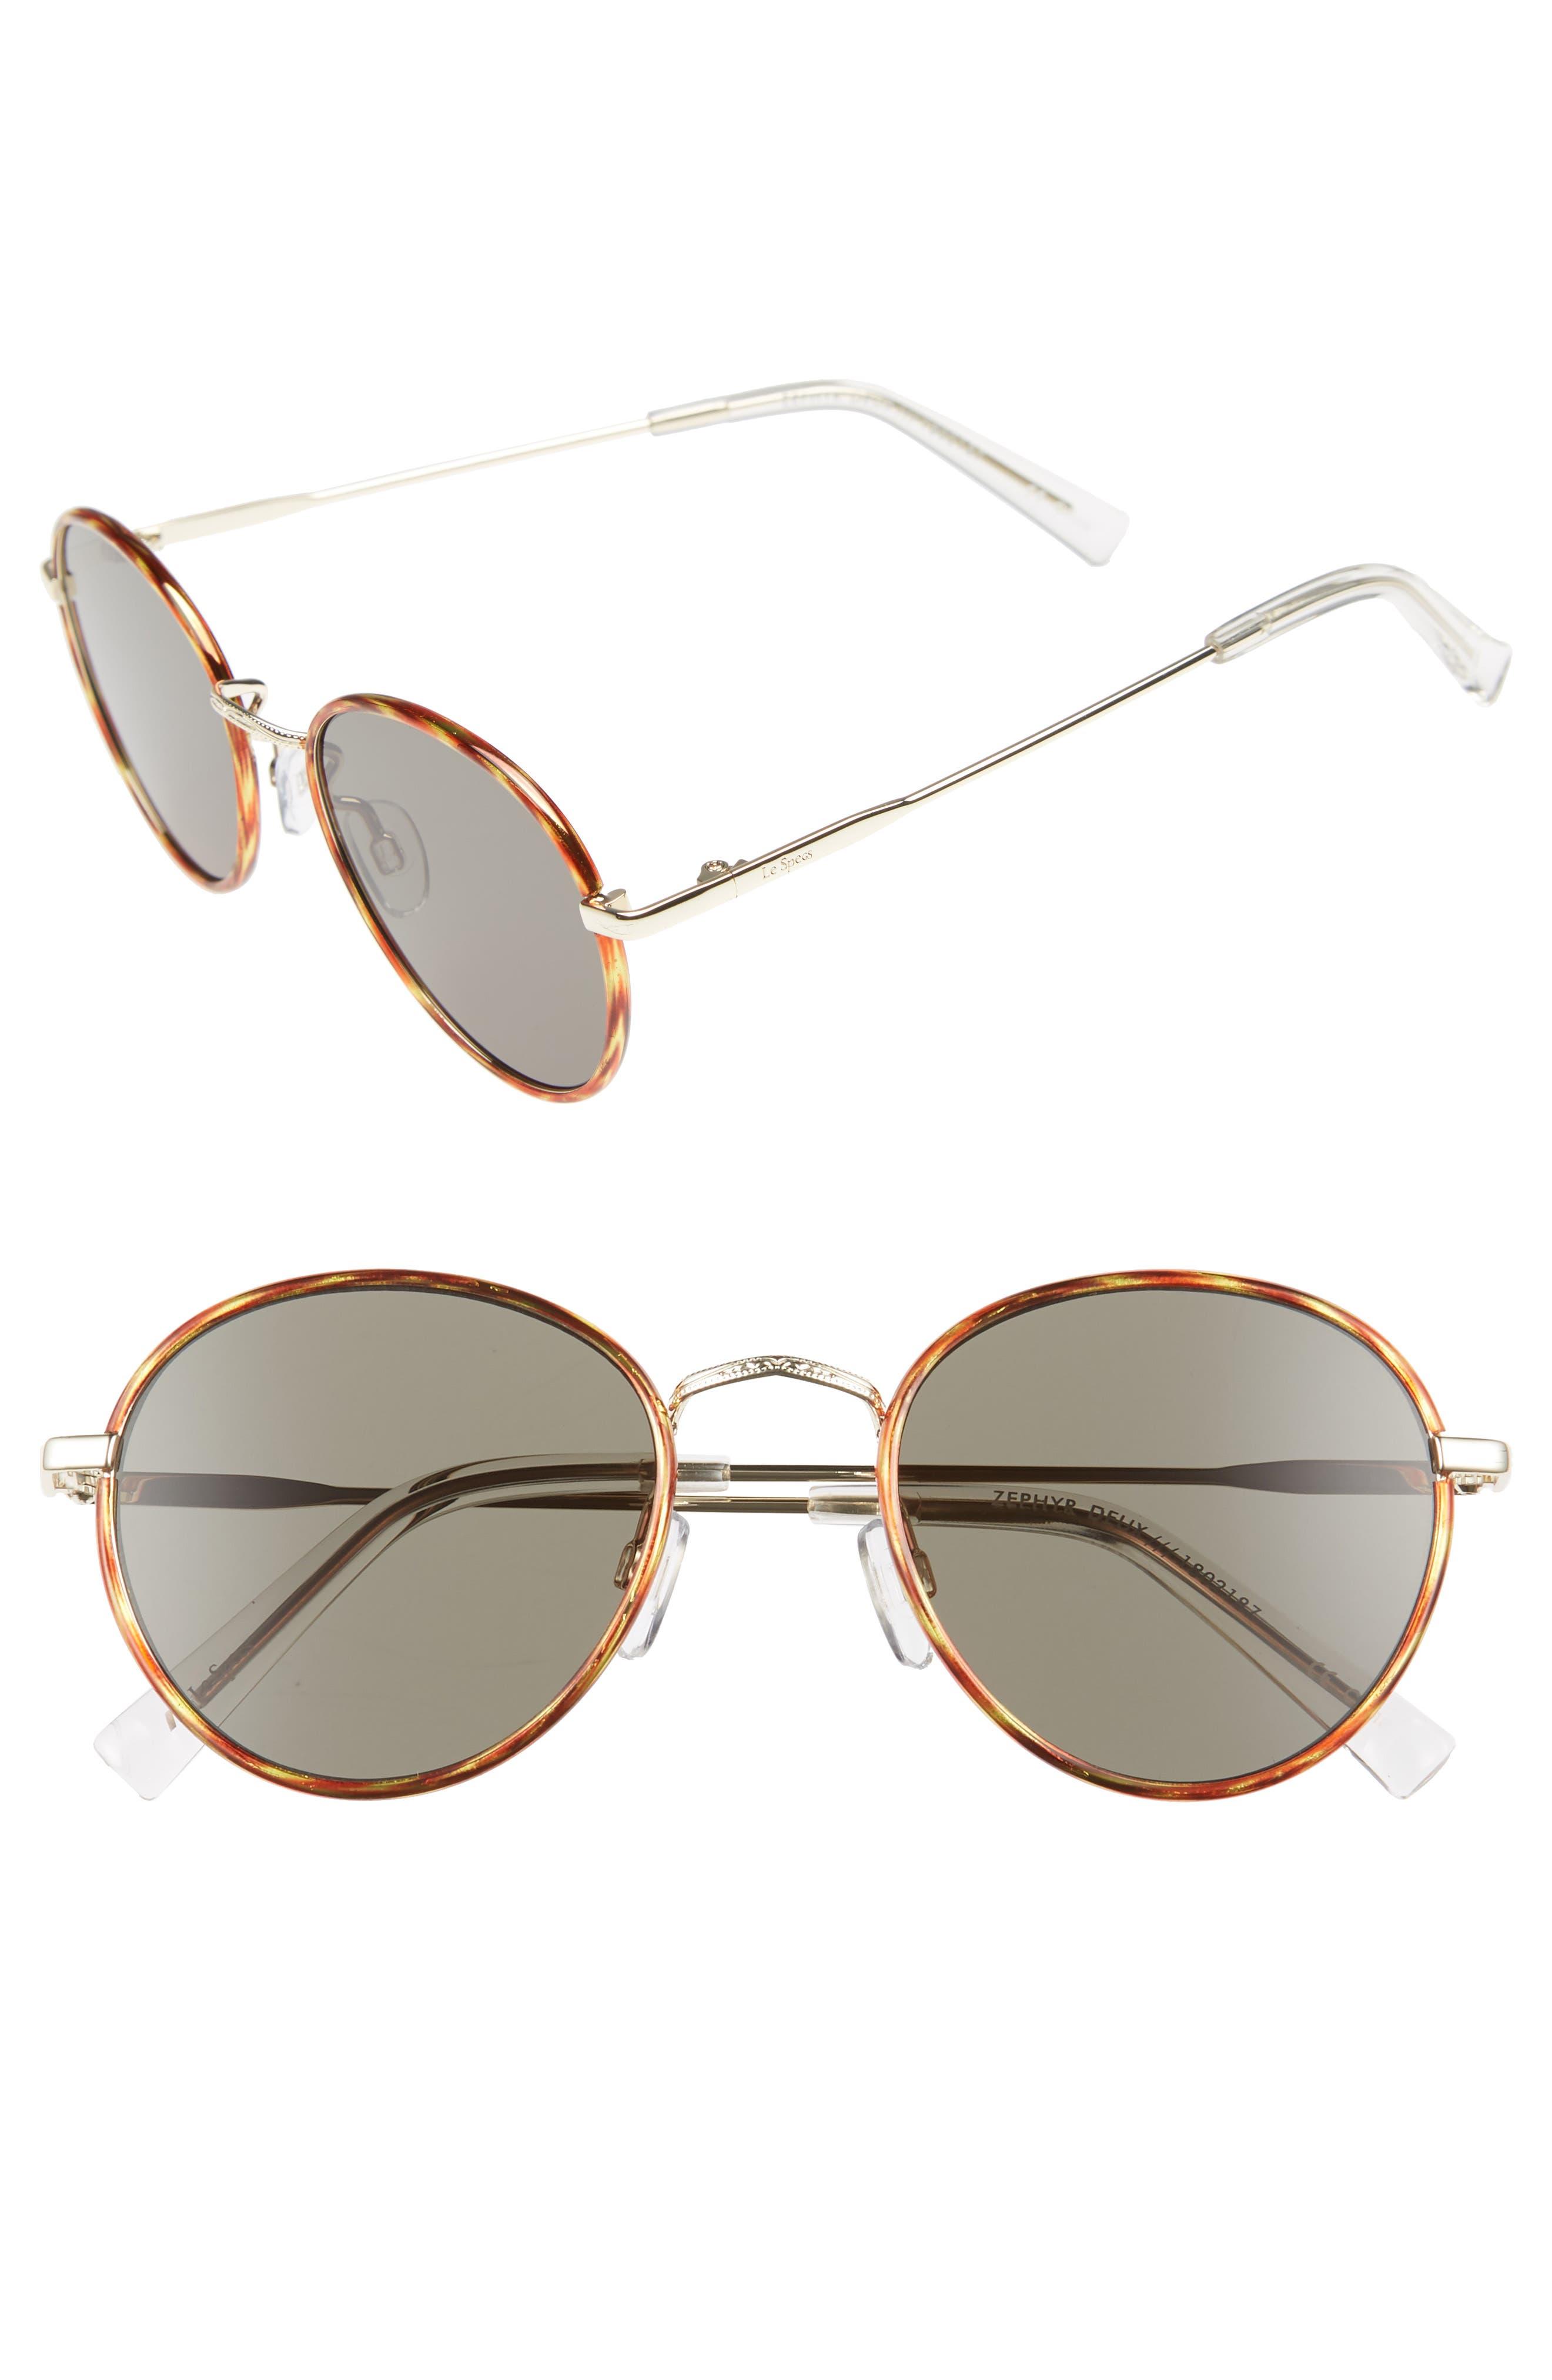 Zephyr Deux 50mm Round Sunglasses,                             Main thumbnail 1, color,                             Vintage Tortoise